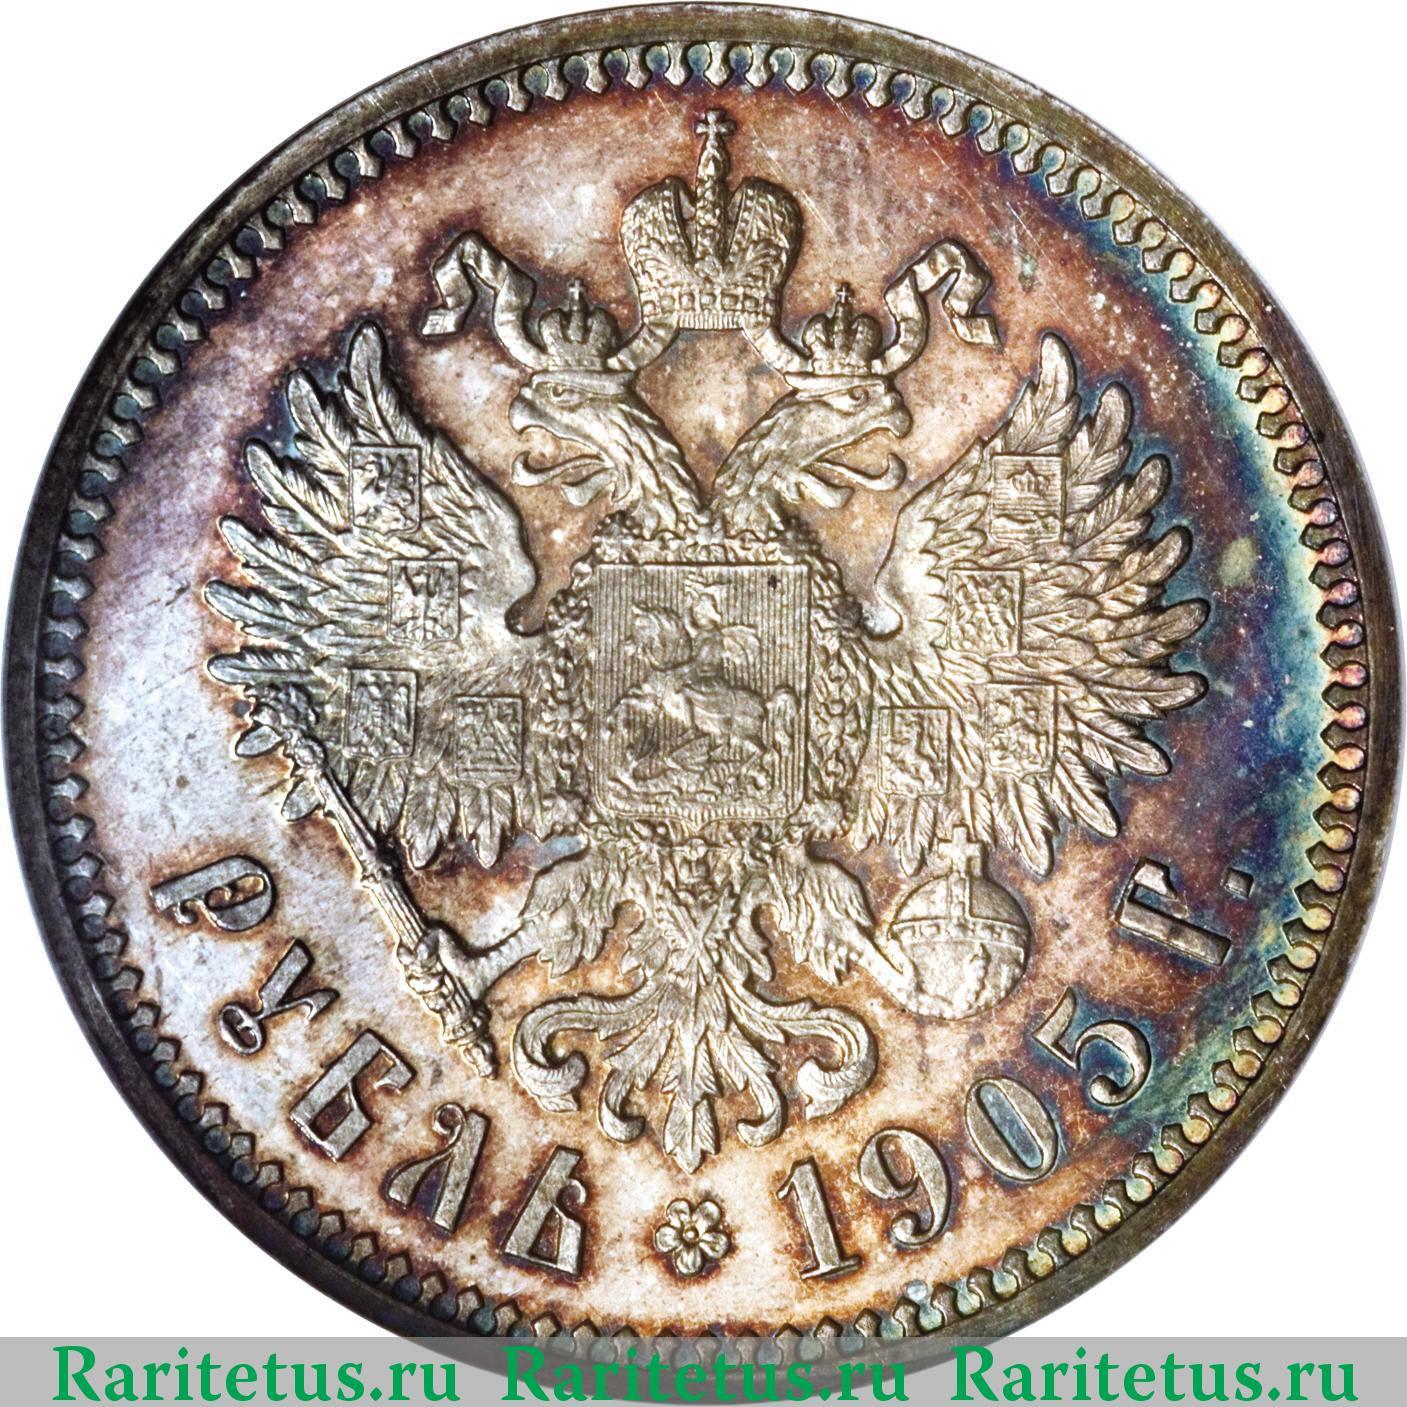 Цена монеты 1 рубль 1912 года ЭБ: стоимость по аукционам